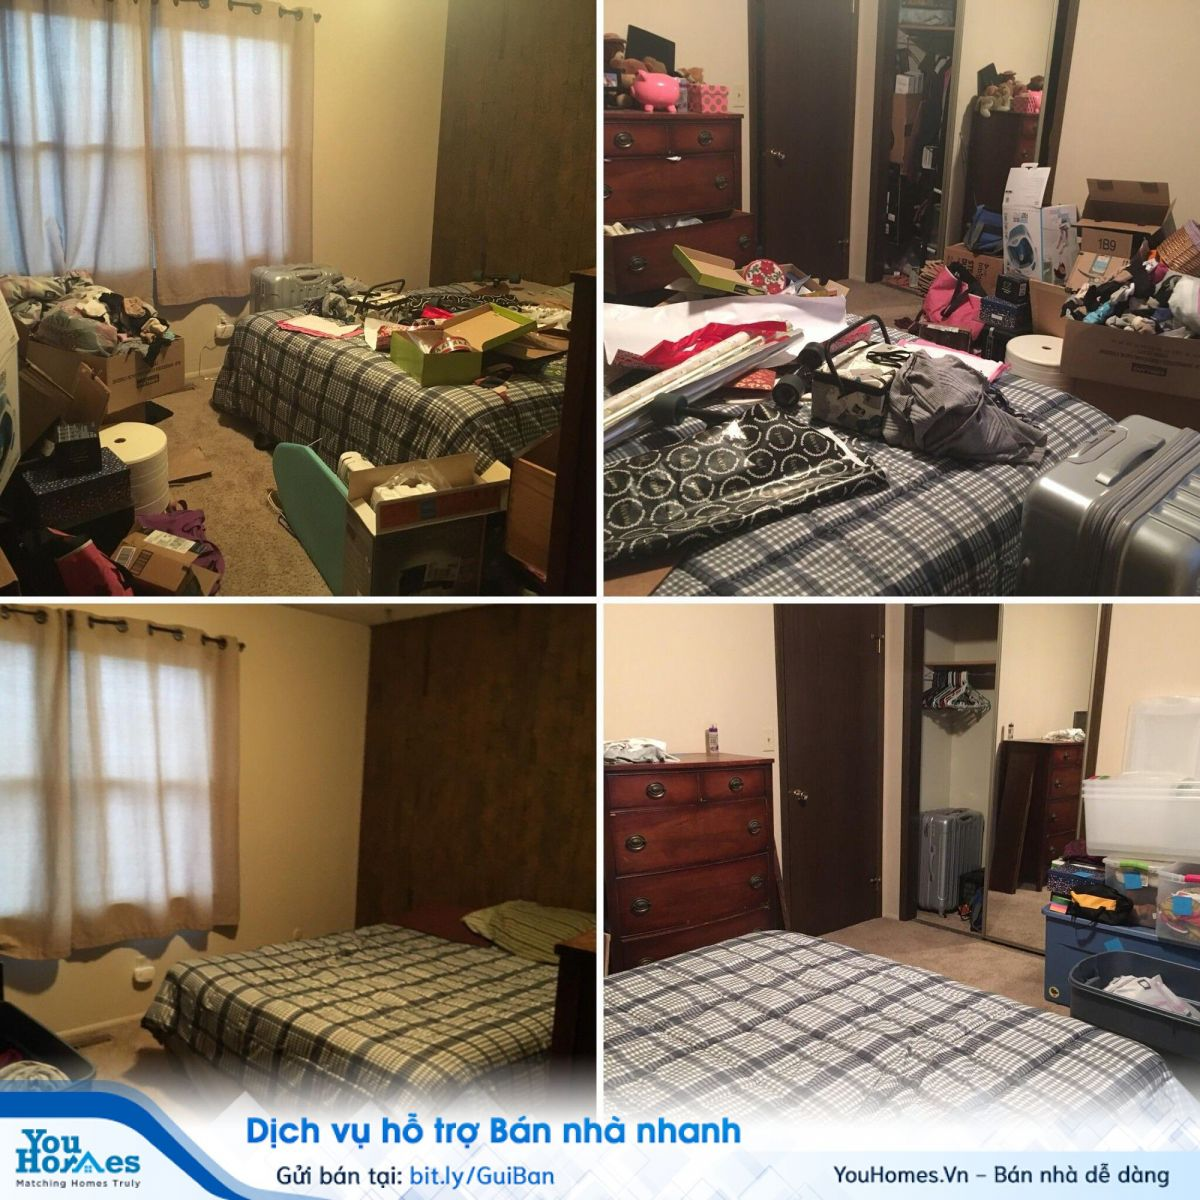 Căn hộ gọn gàng sạch sẽ bao giờ cũng thu hút khách hàng hơn những căn hộ bừa bộn cũ kỹ